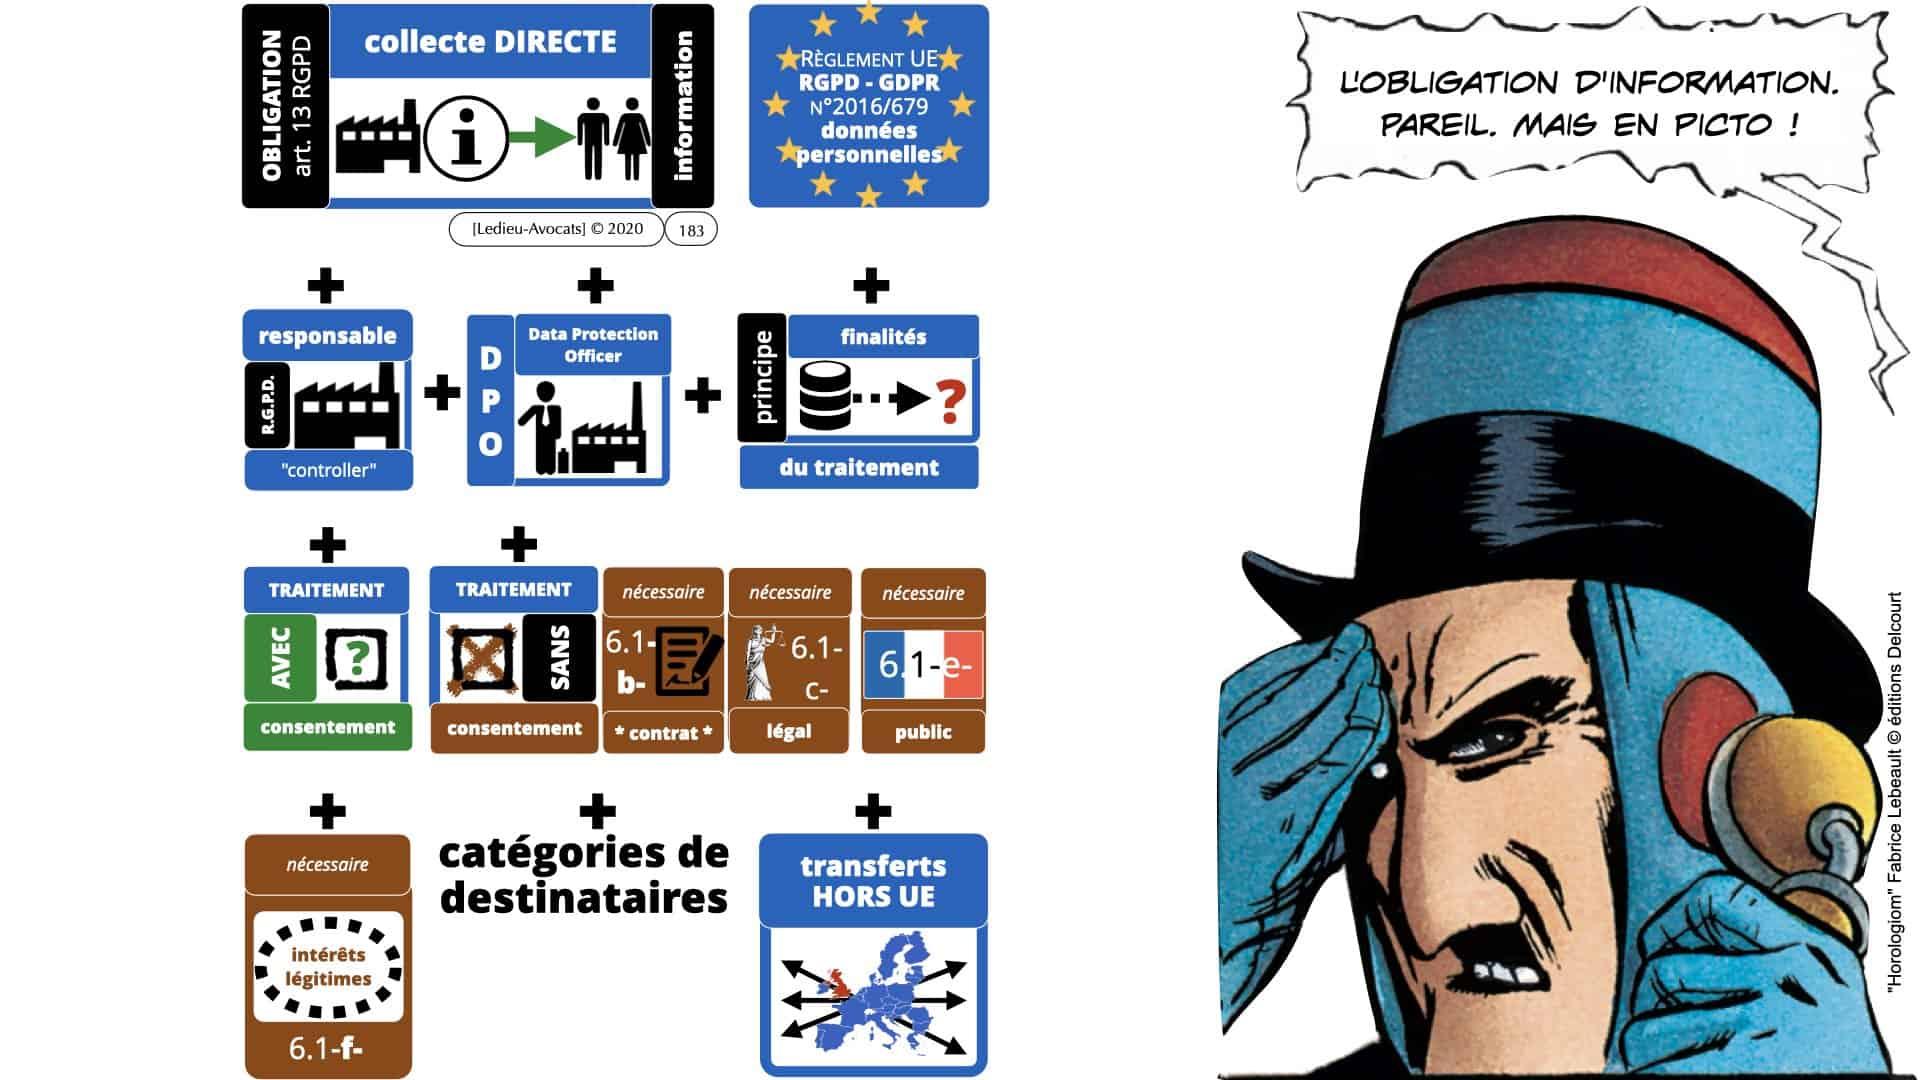 RGPD e-Privacy données personnelles jurisprudence formation Lamy Les Echos 10-02-2021 ©Ledieu-Avocats.183